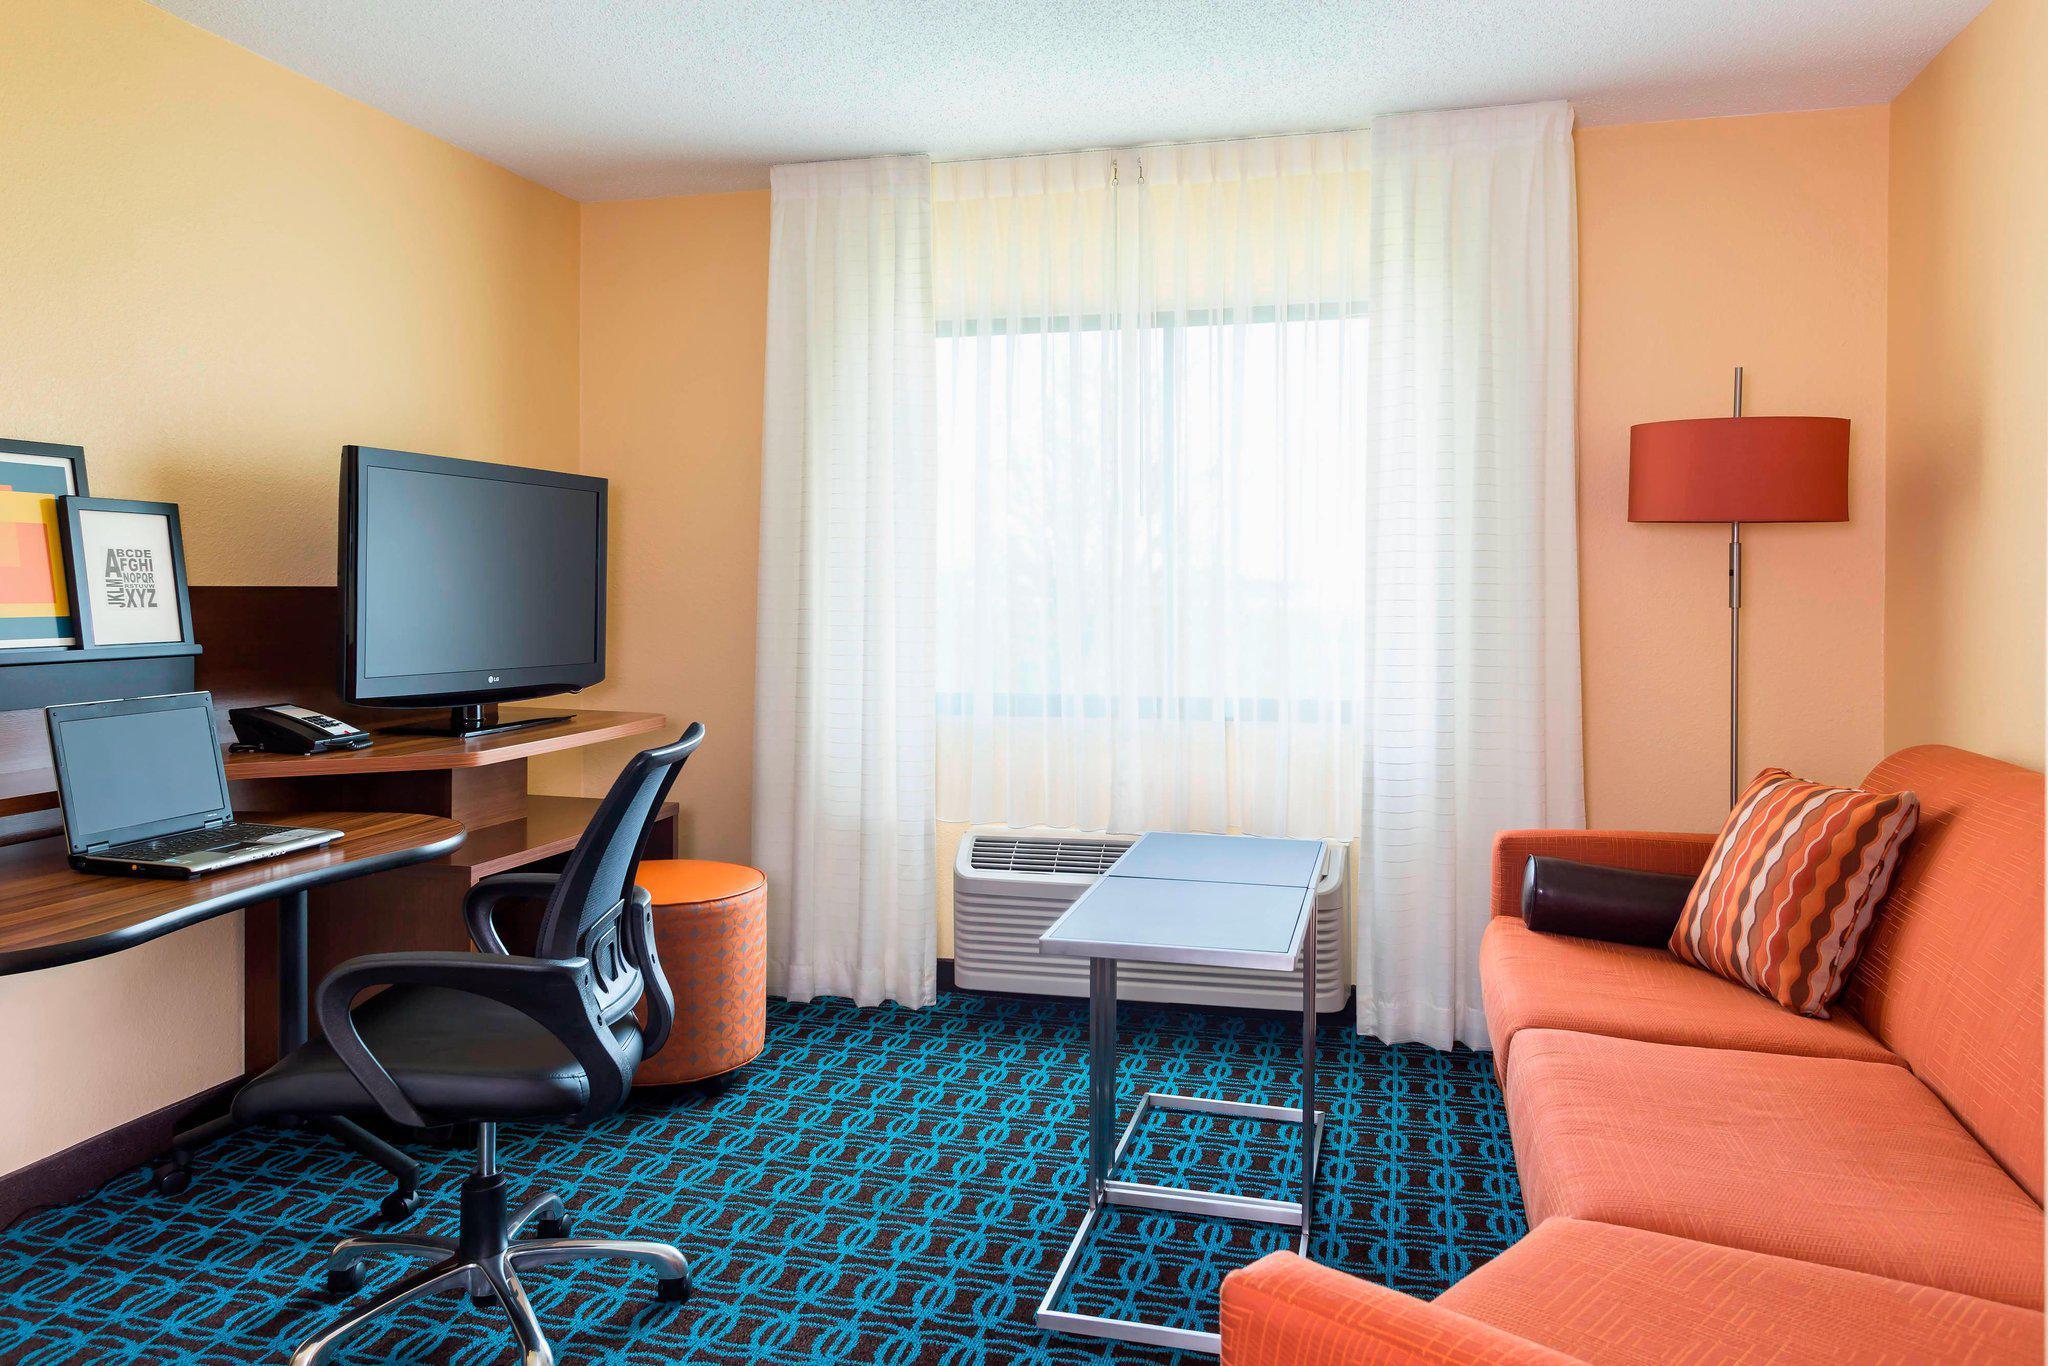 Fairfield Inn & Suites by Marriott Springfield